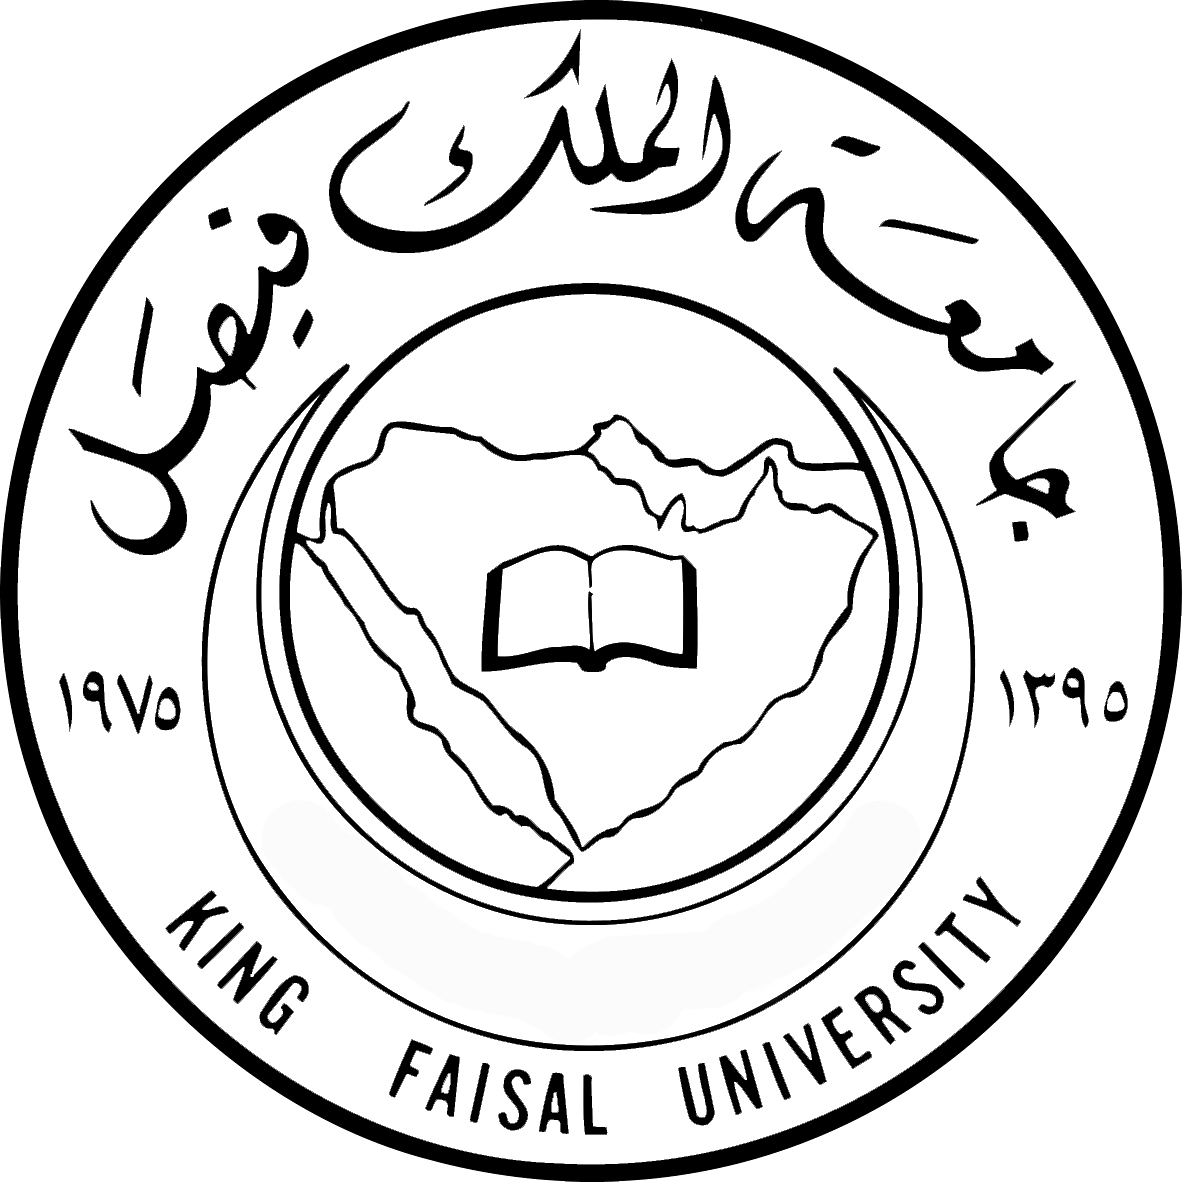 نتيجة بحث الصور عن جامعة الملك فيصل png